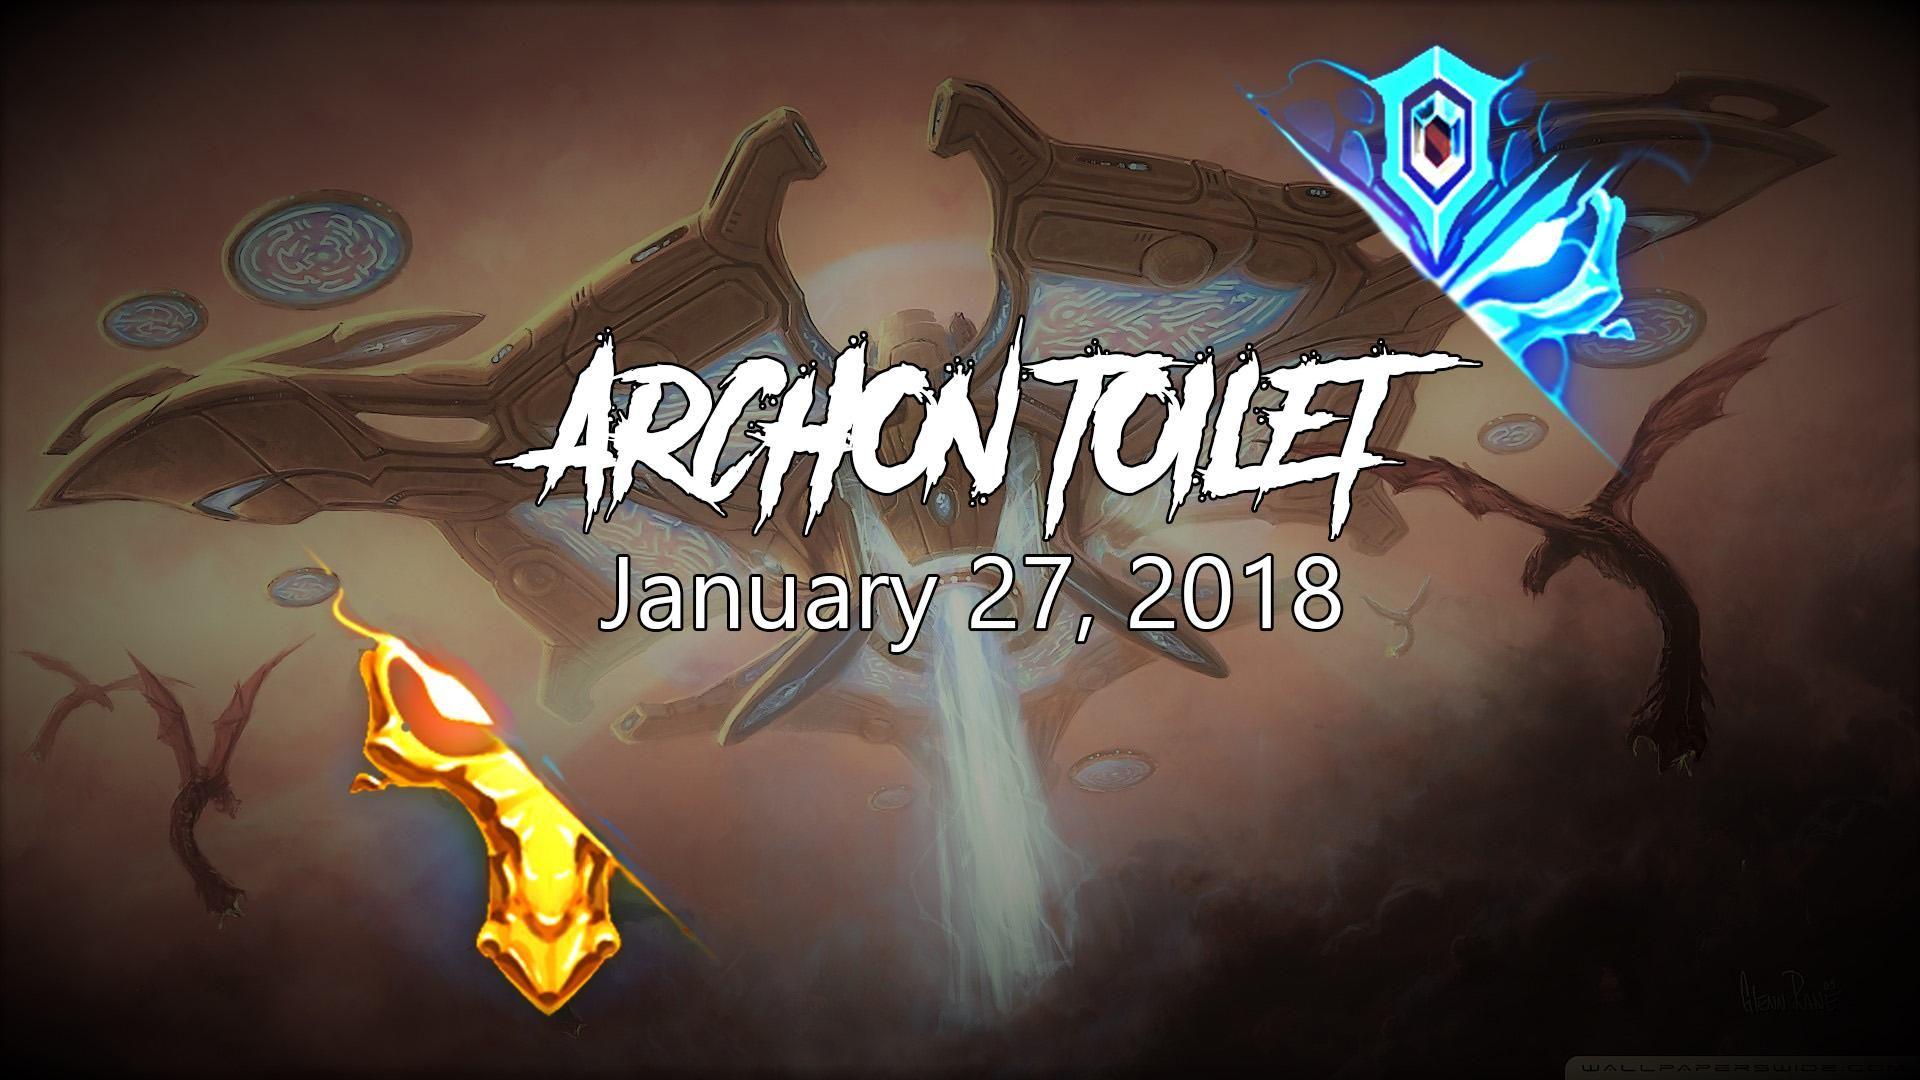 Archon Toilet $100 Community Tournament! UPDATE #games